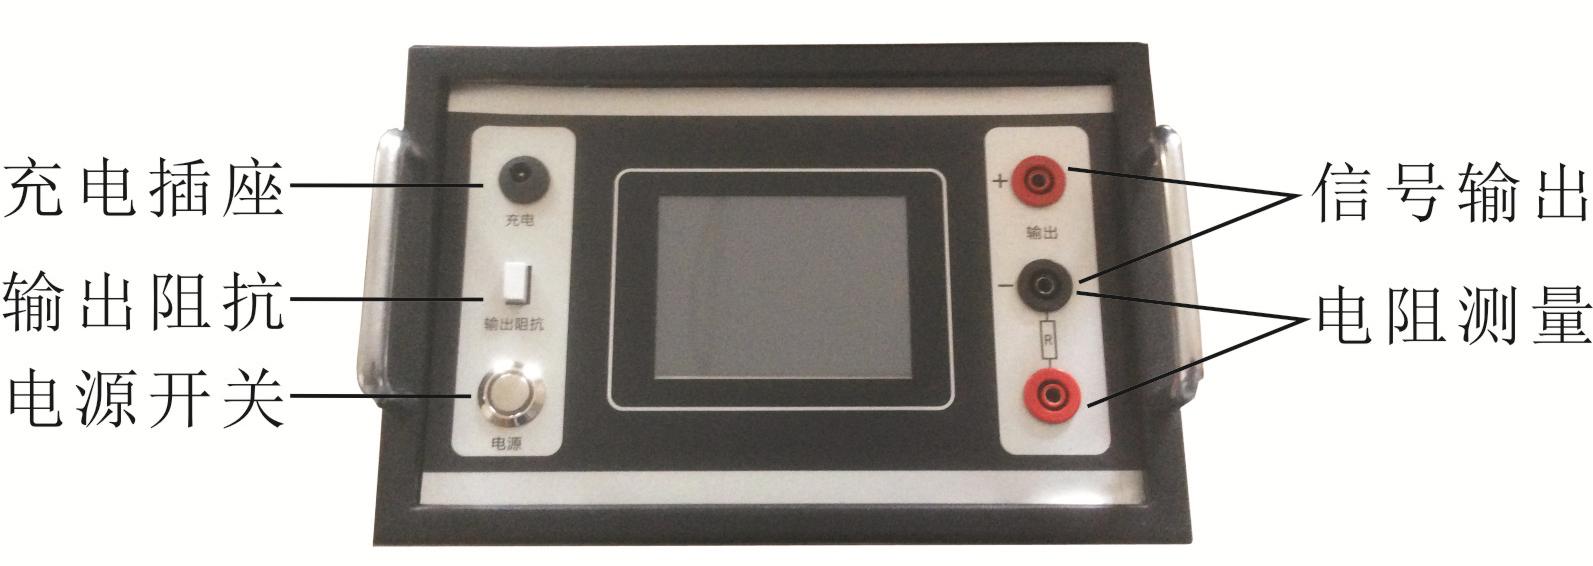 电缆寻迹及故障定位仪操作方法|面板简介|注意事项